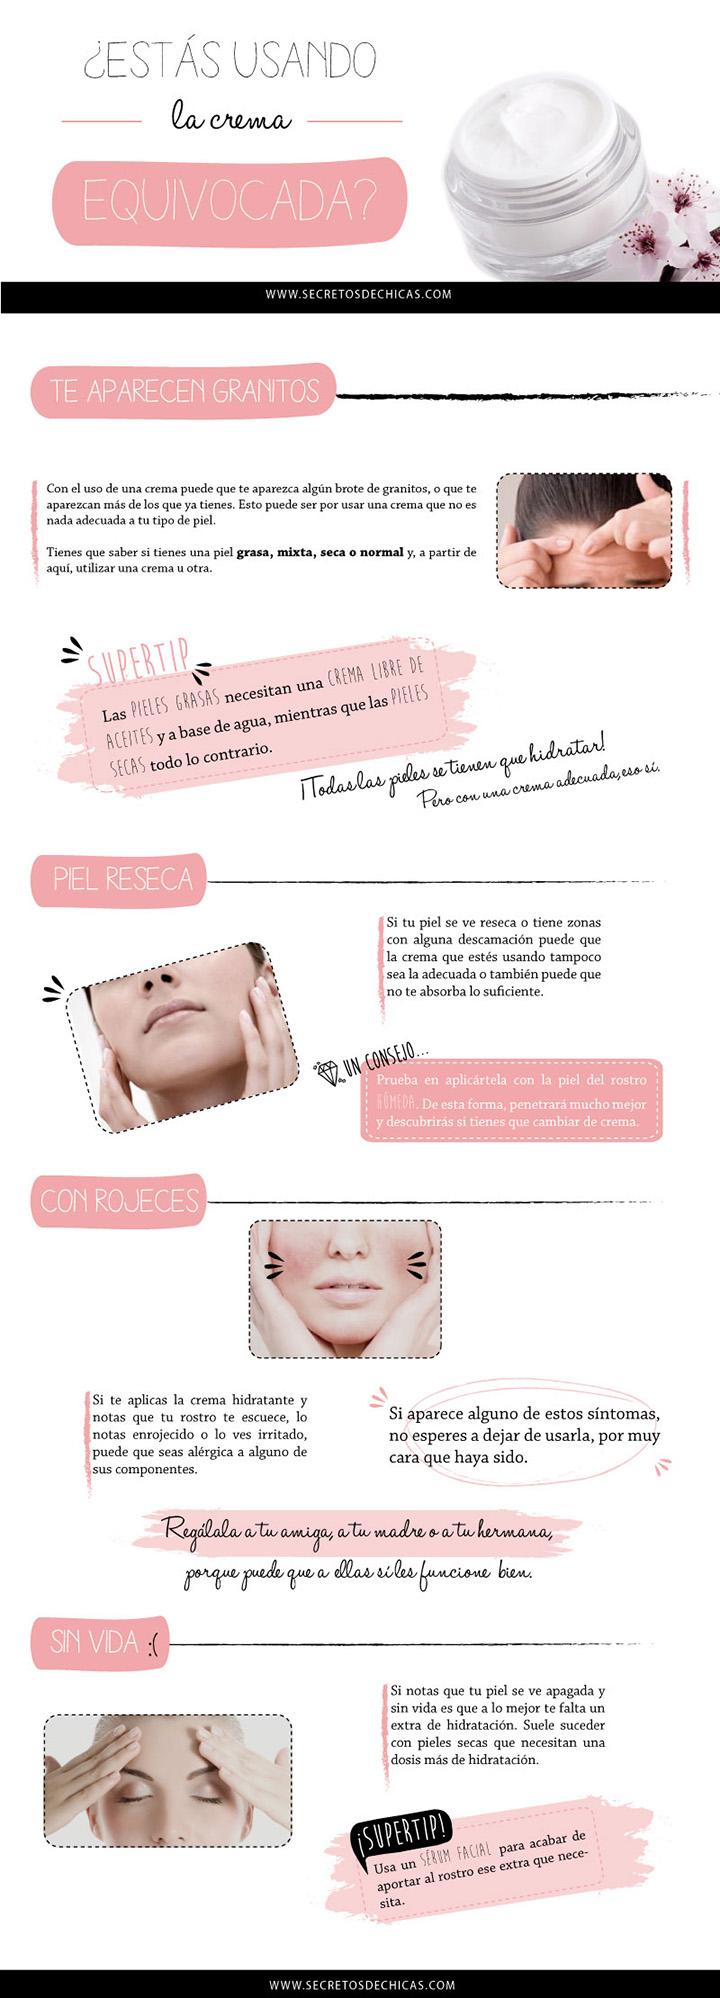 como hidratar la piel correctamente